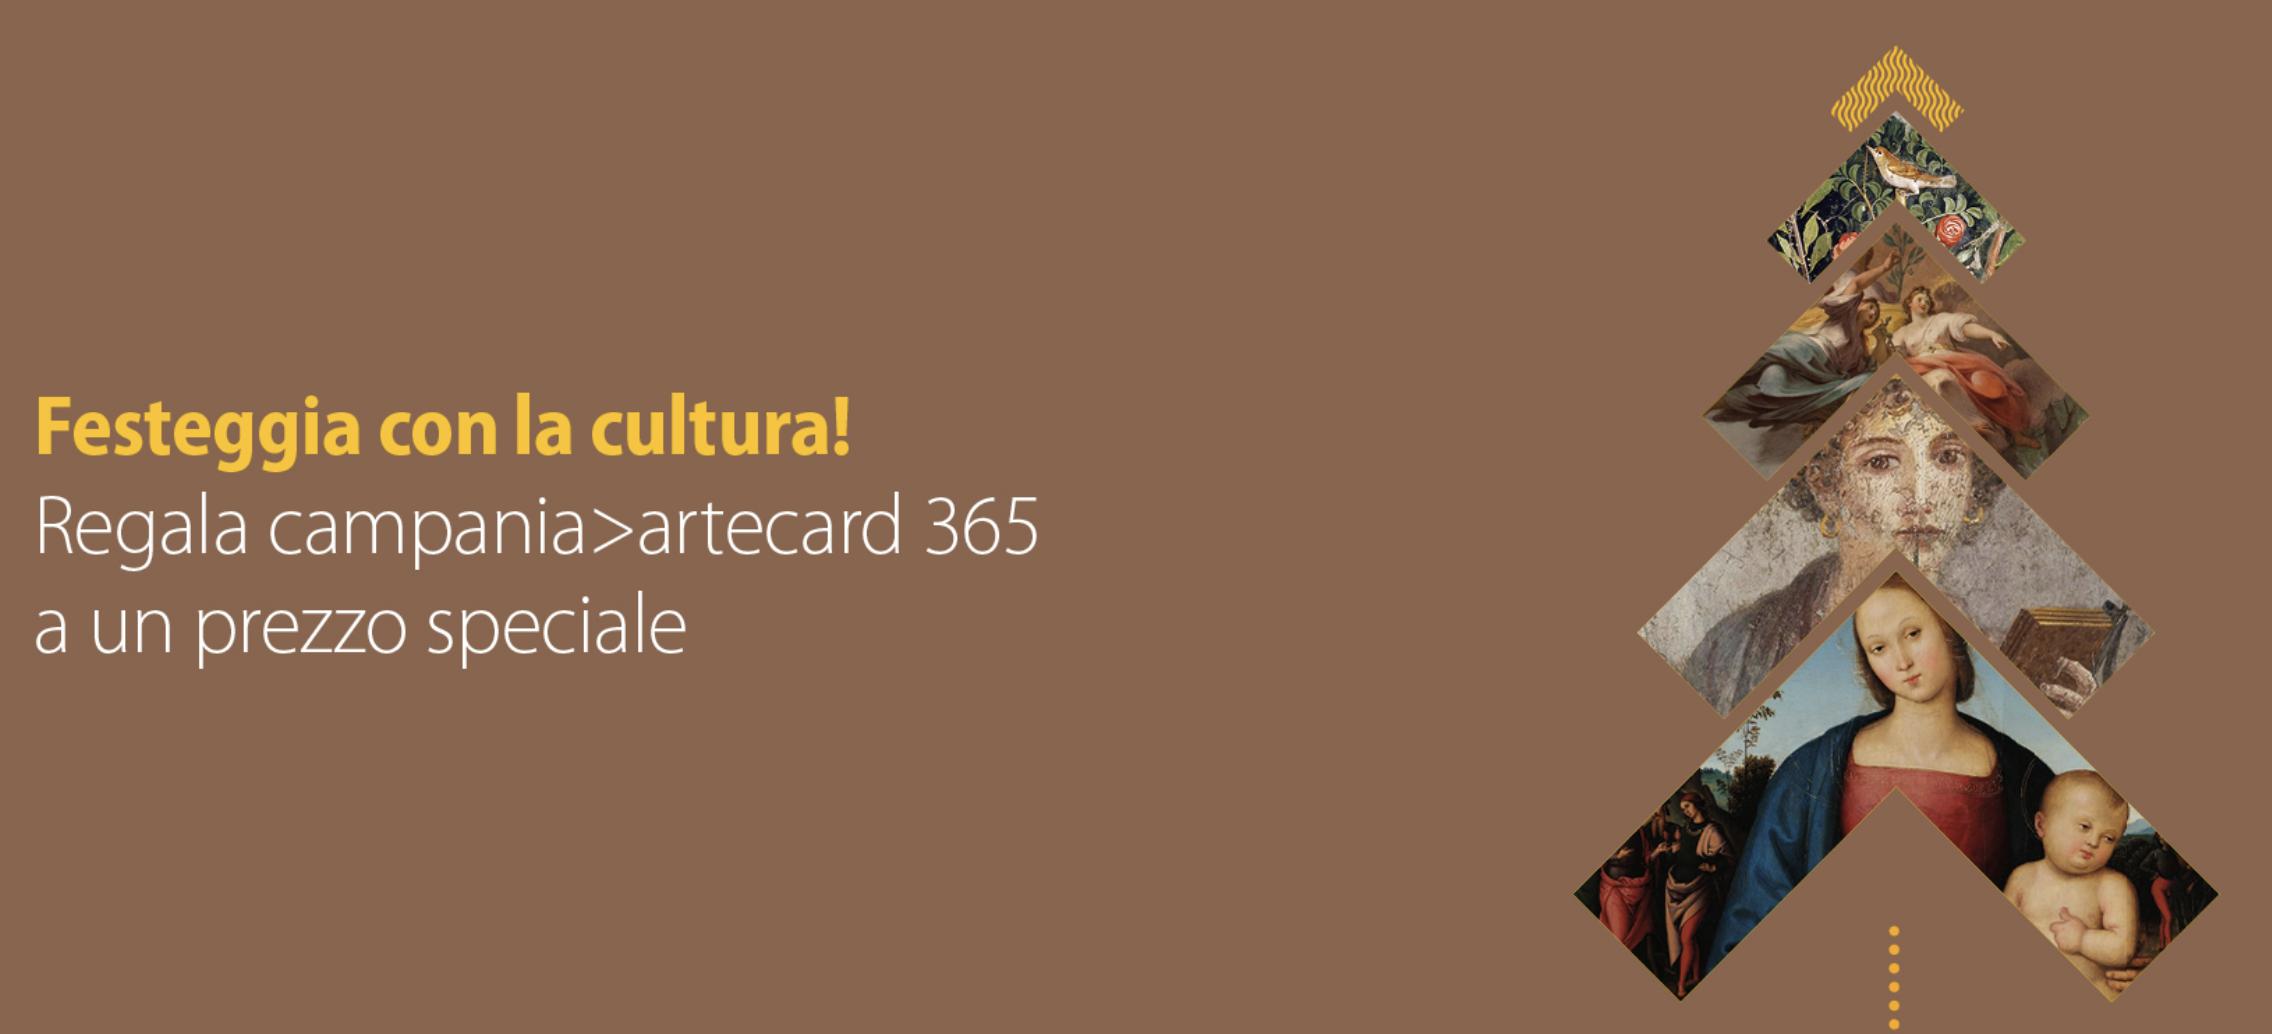 Christmas Artecard - A Natale Regala(ti) oltre 50 ingressi da utilizzare alla riapertura dei musei